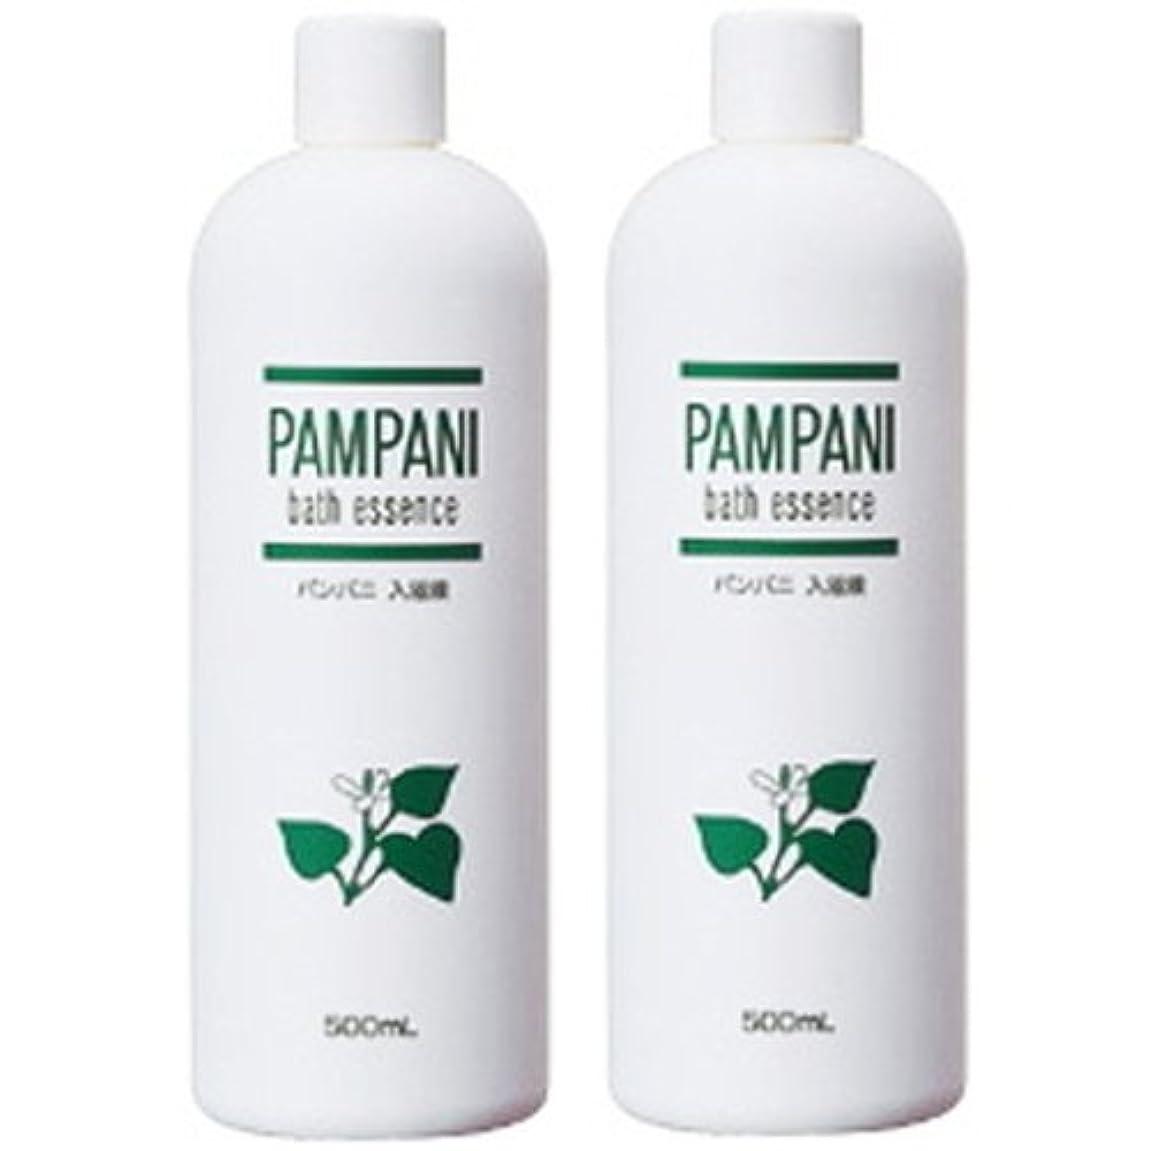 抹消悪いトリムパンパニ(PAMPANI) 入浴液 (希釈タイプ) 500ml×2本組